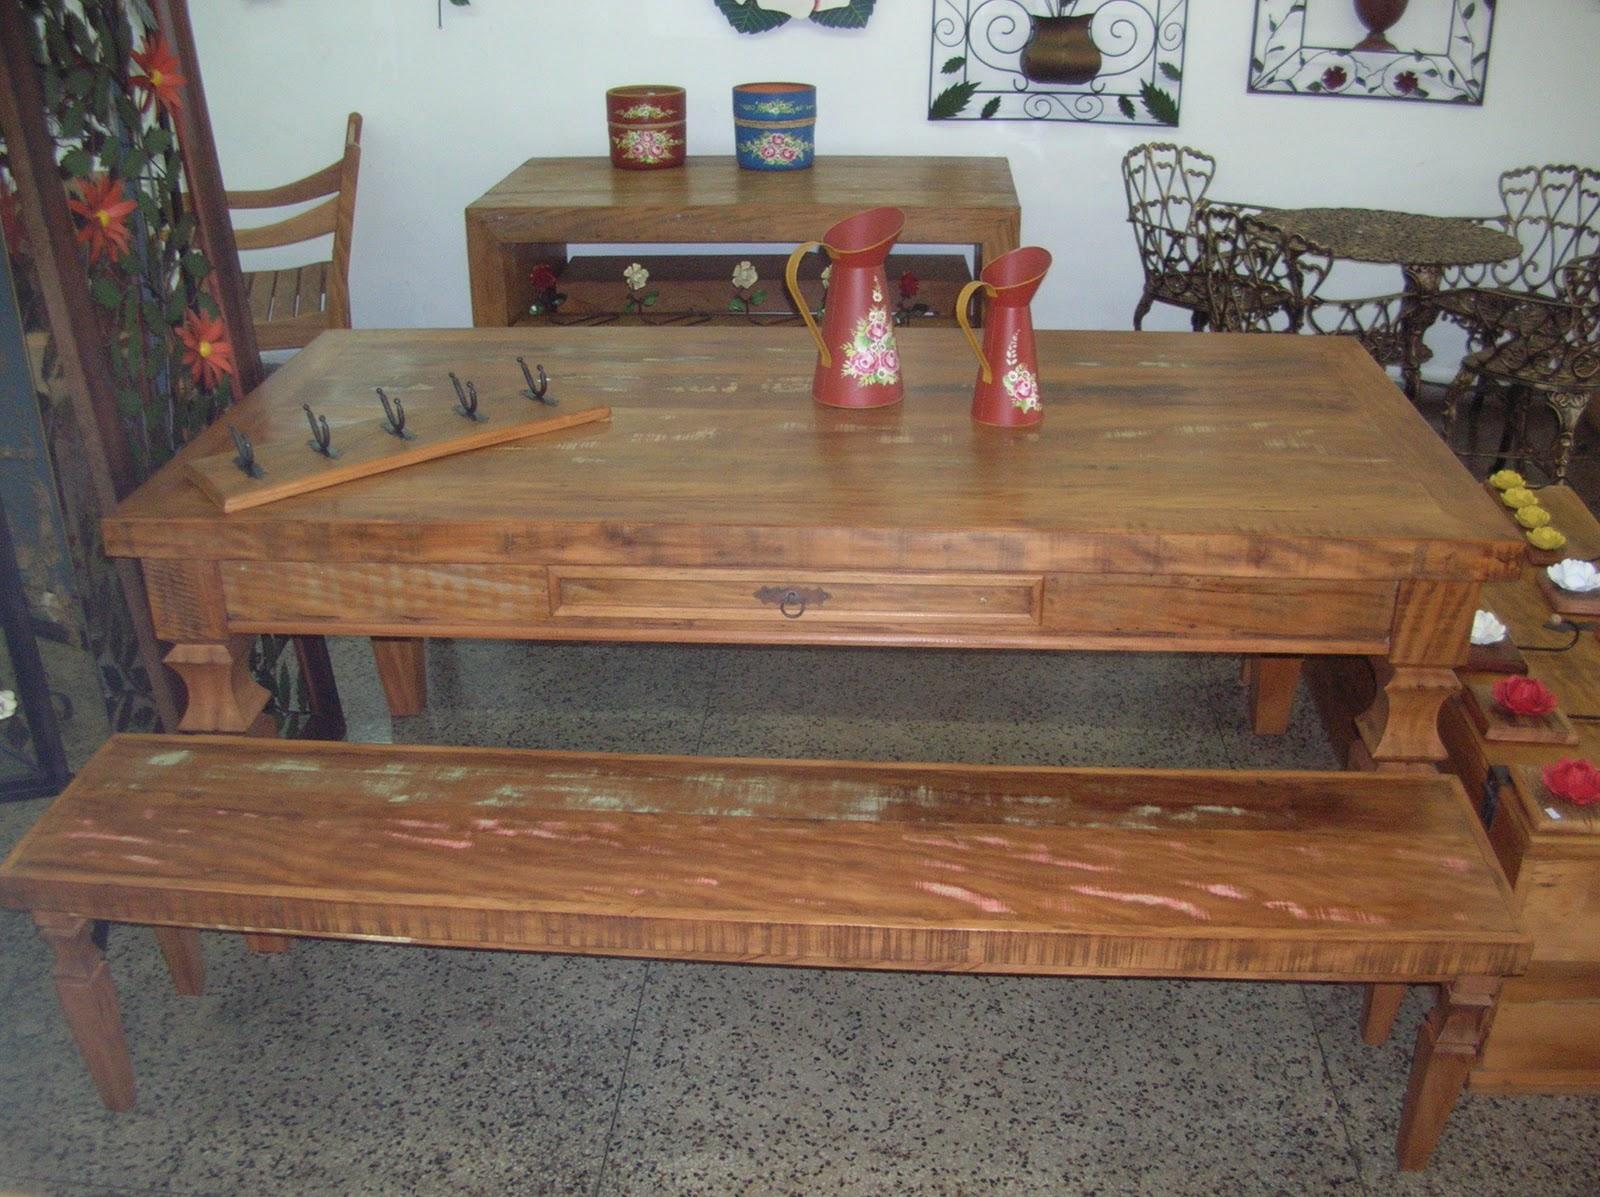 Artesanais: Mesa madeira de demolição 2 00 x 1 00 x 0 80 c/ gaveta #8D623E 1600x1197